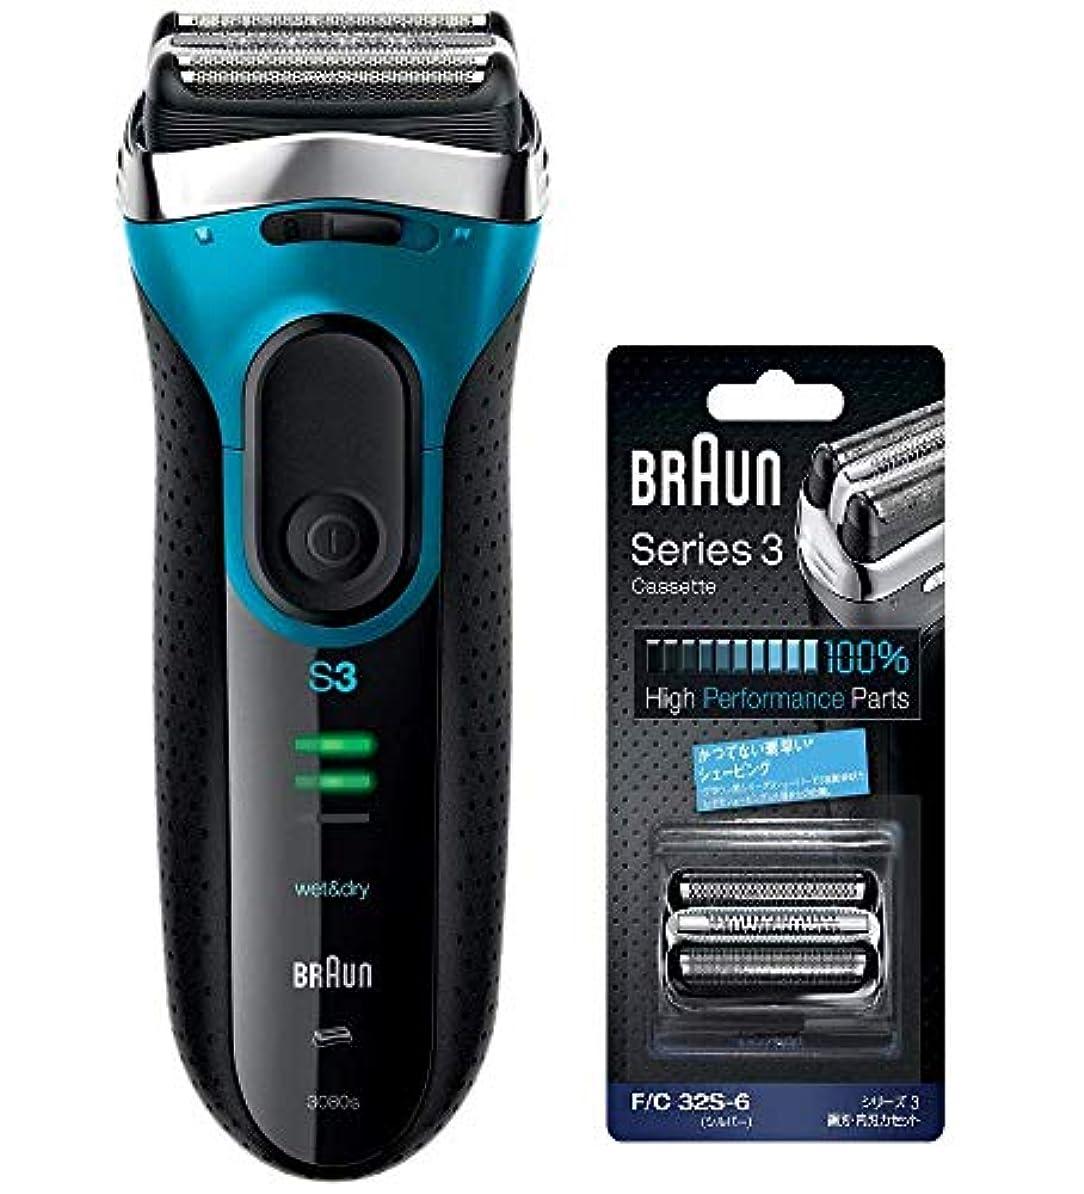 居間作り上げるルーフブラウン メンズ電気シェーバー シリーズ3 交換用替刃付 3080S-B-SET 3枚刃 水洗い/お風呂剃り可 ブルー